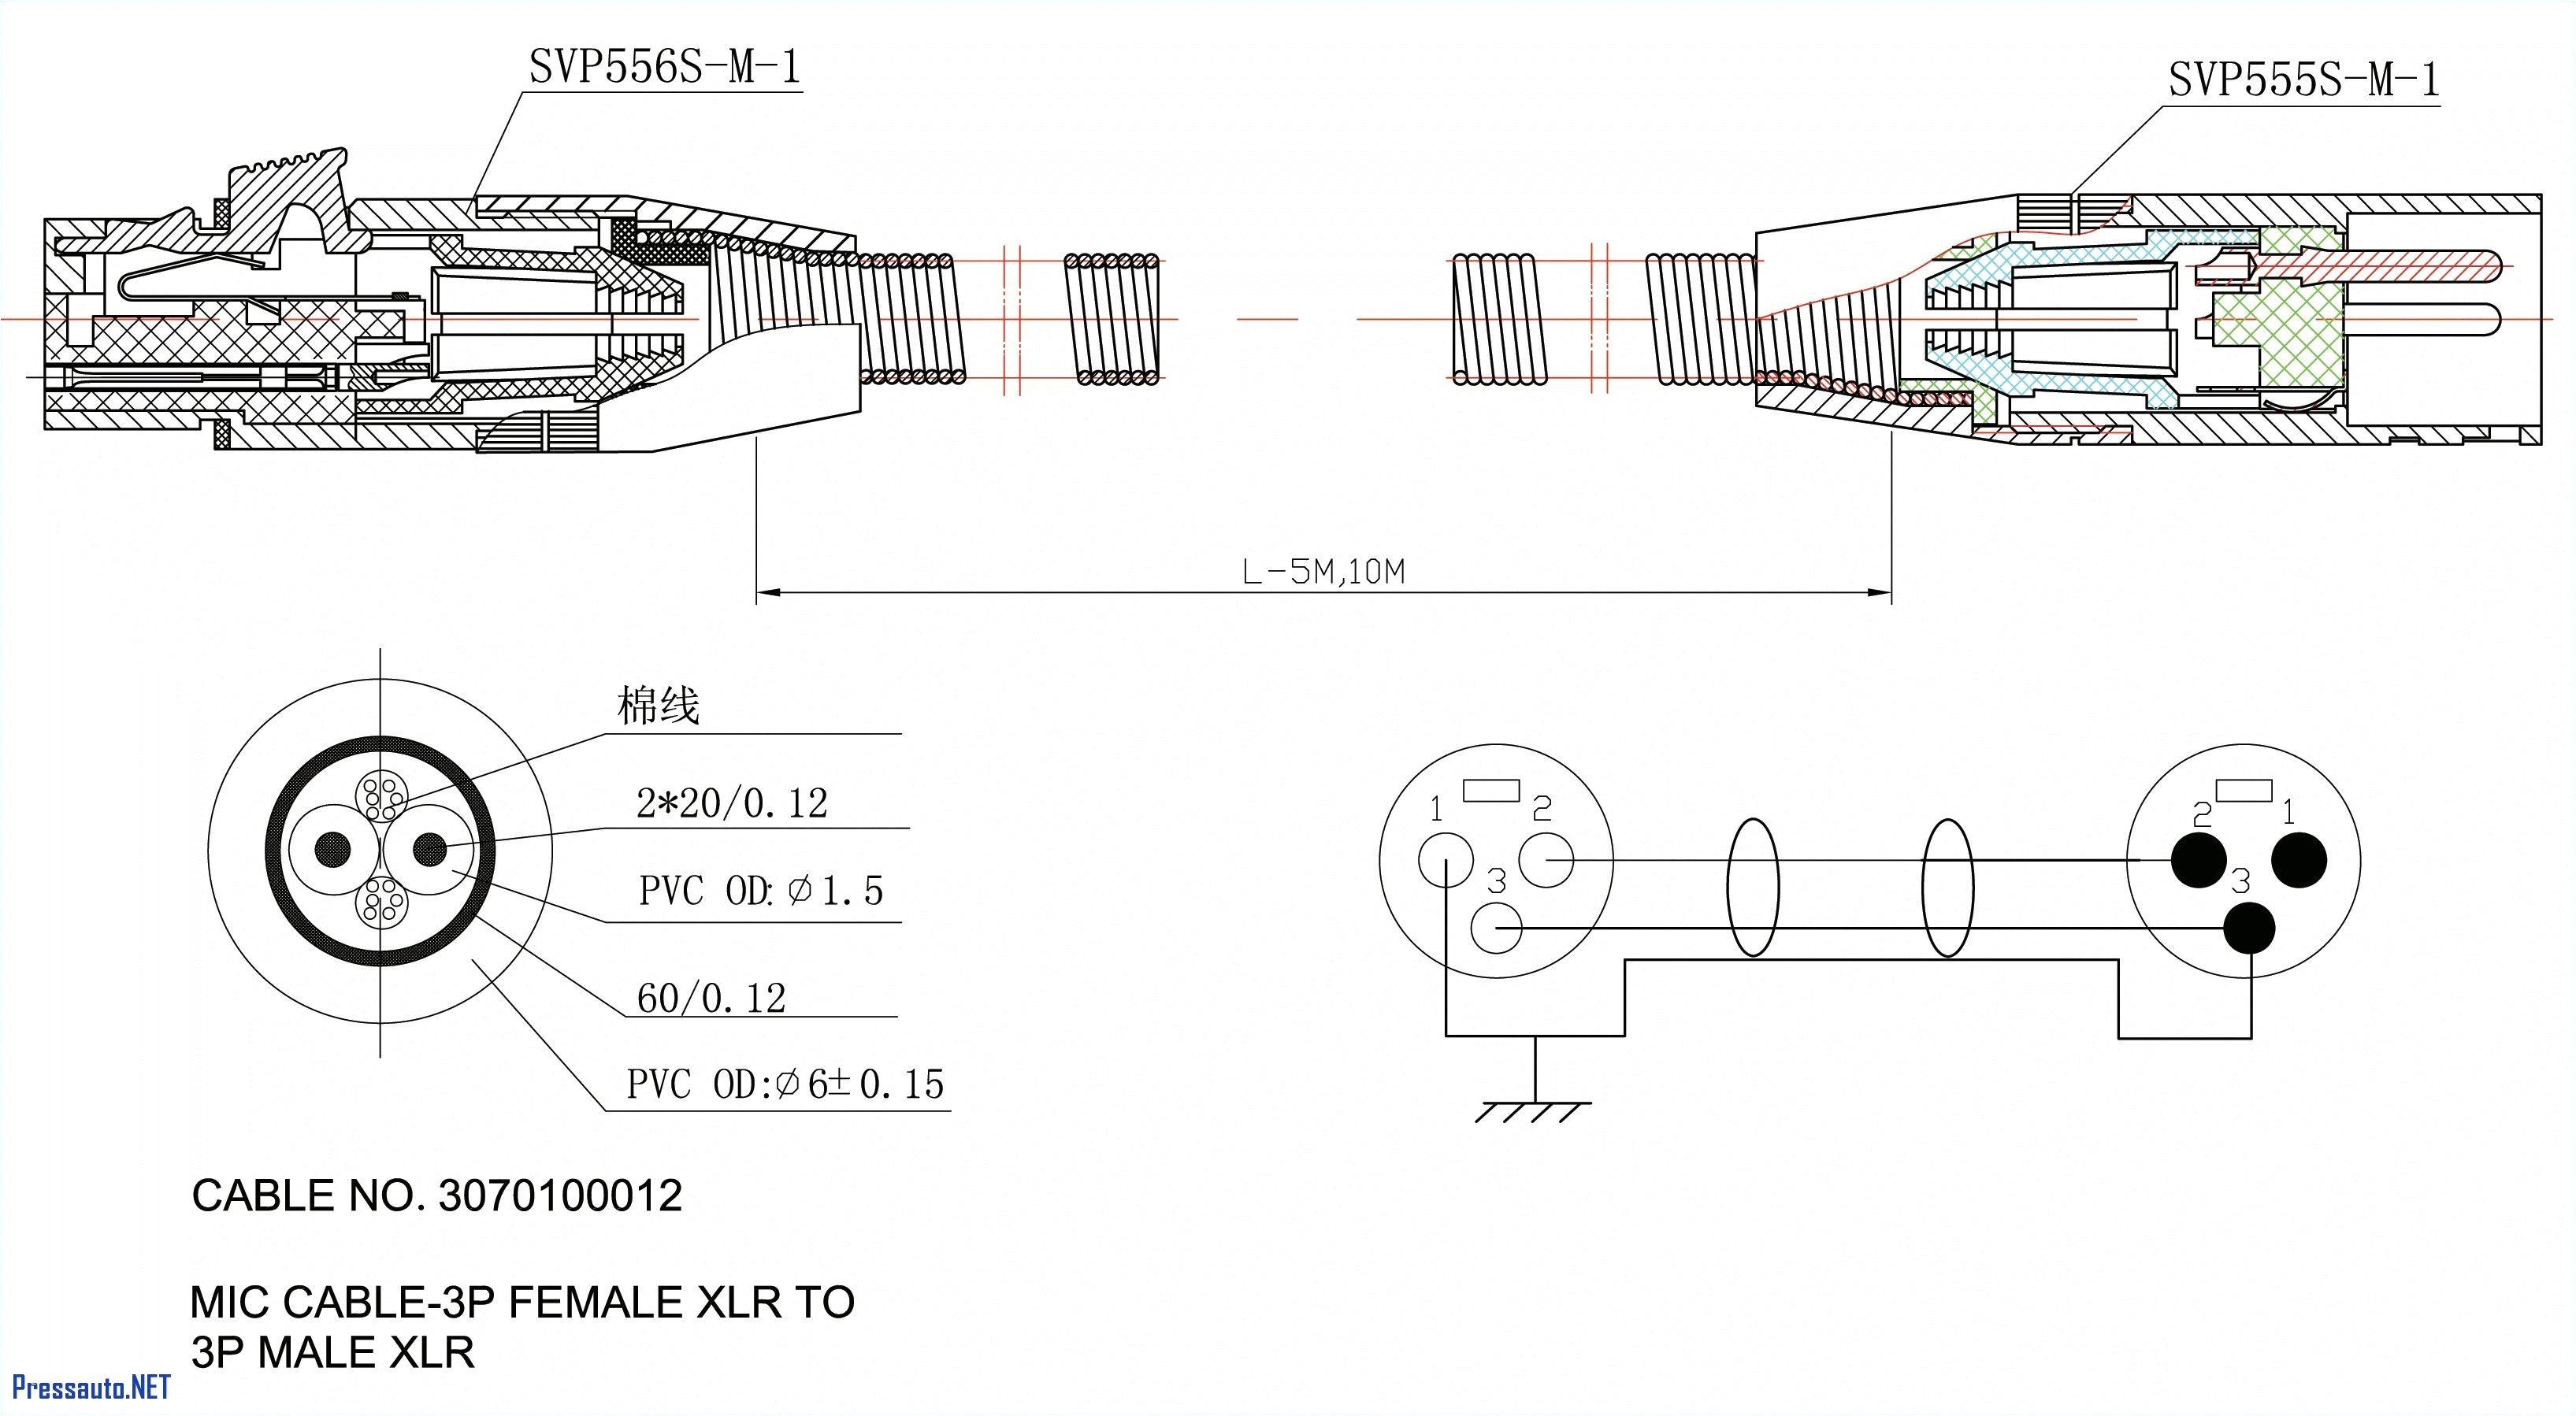 wiring indicator diagram light r9 86l wiring diagram expert orthman wiring diagram wiring diagrams konsult wiring